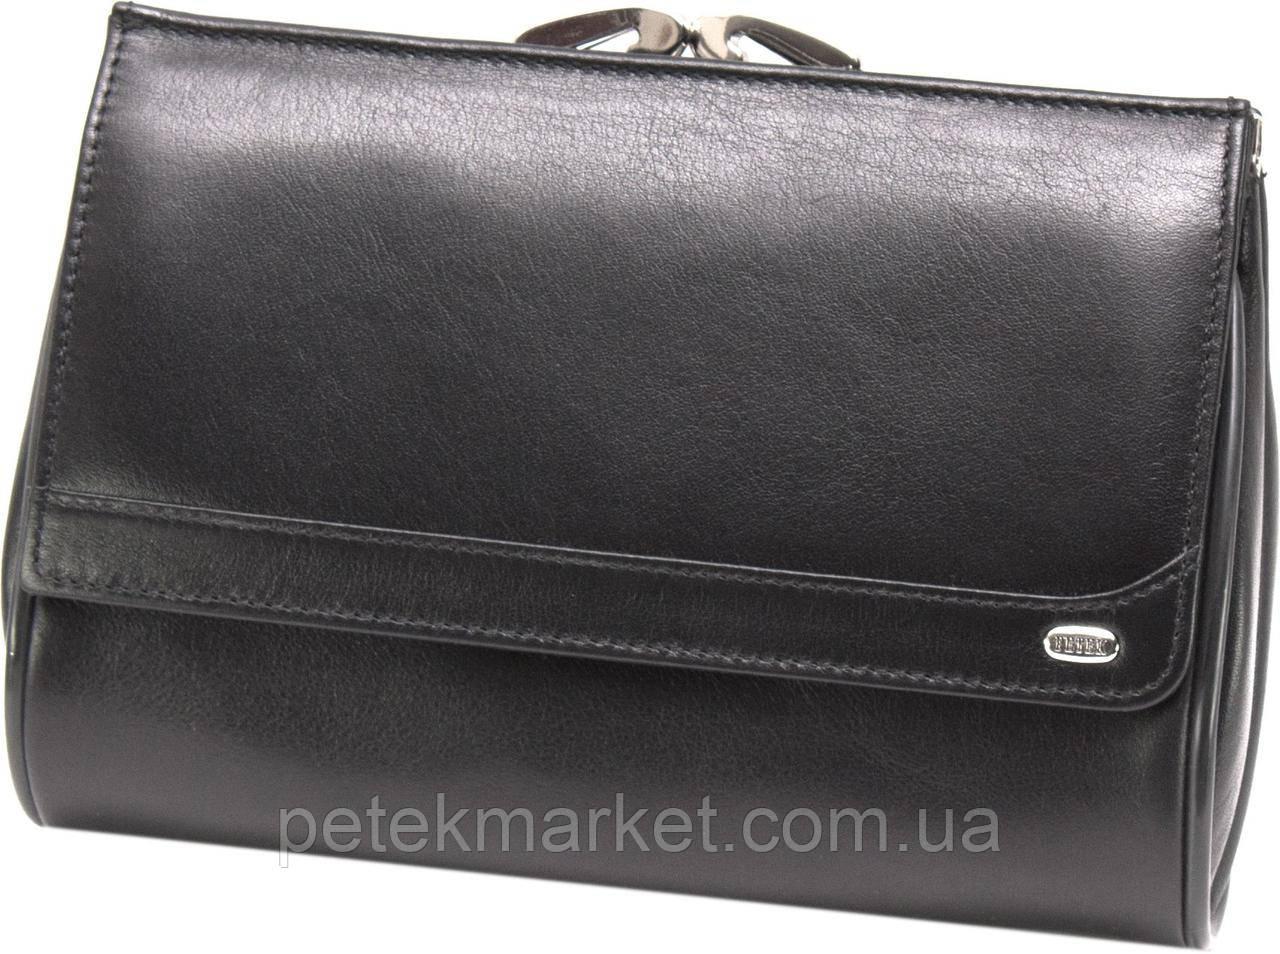 Косметичка PETEK 410 Черный (410-000-01)